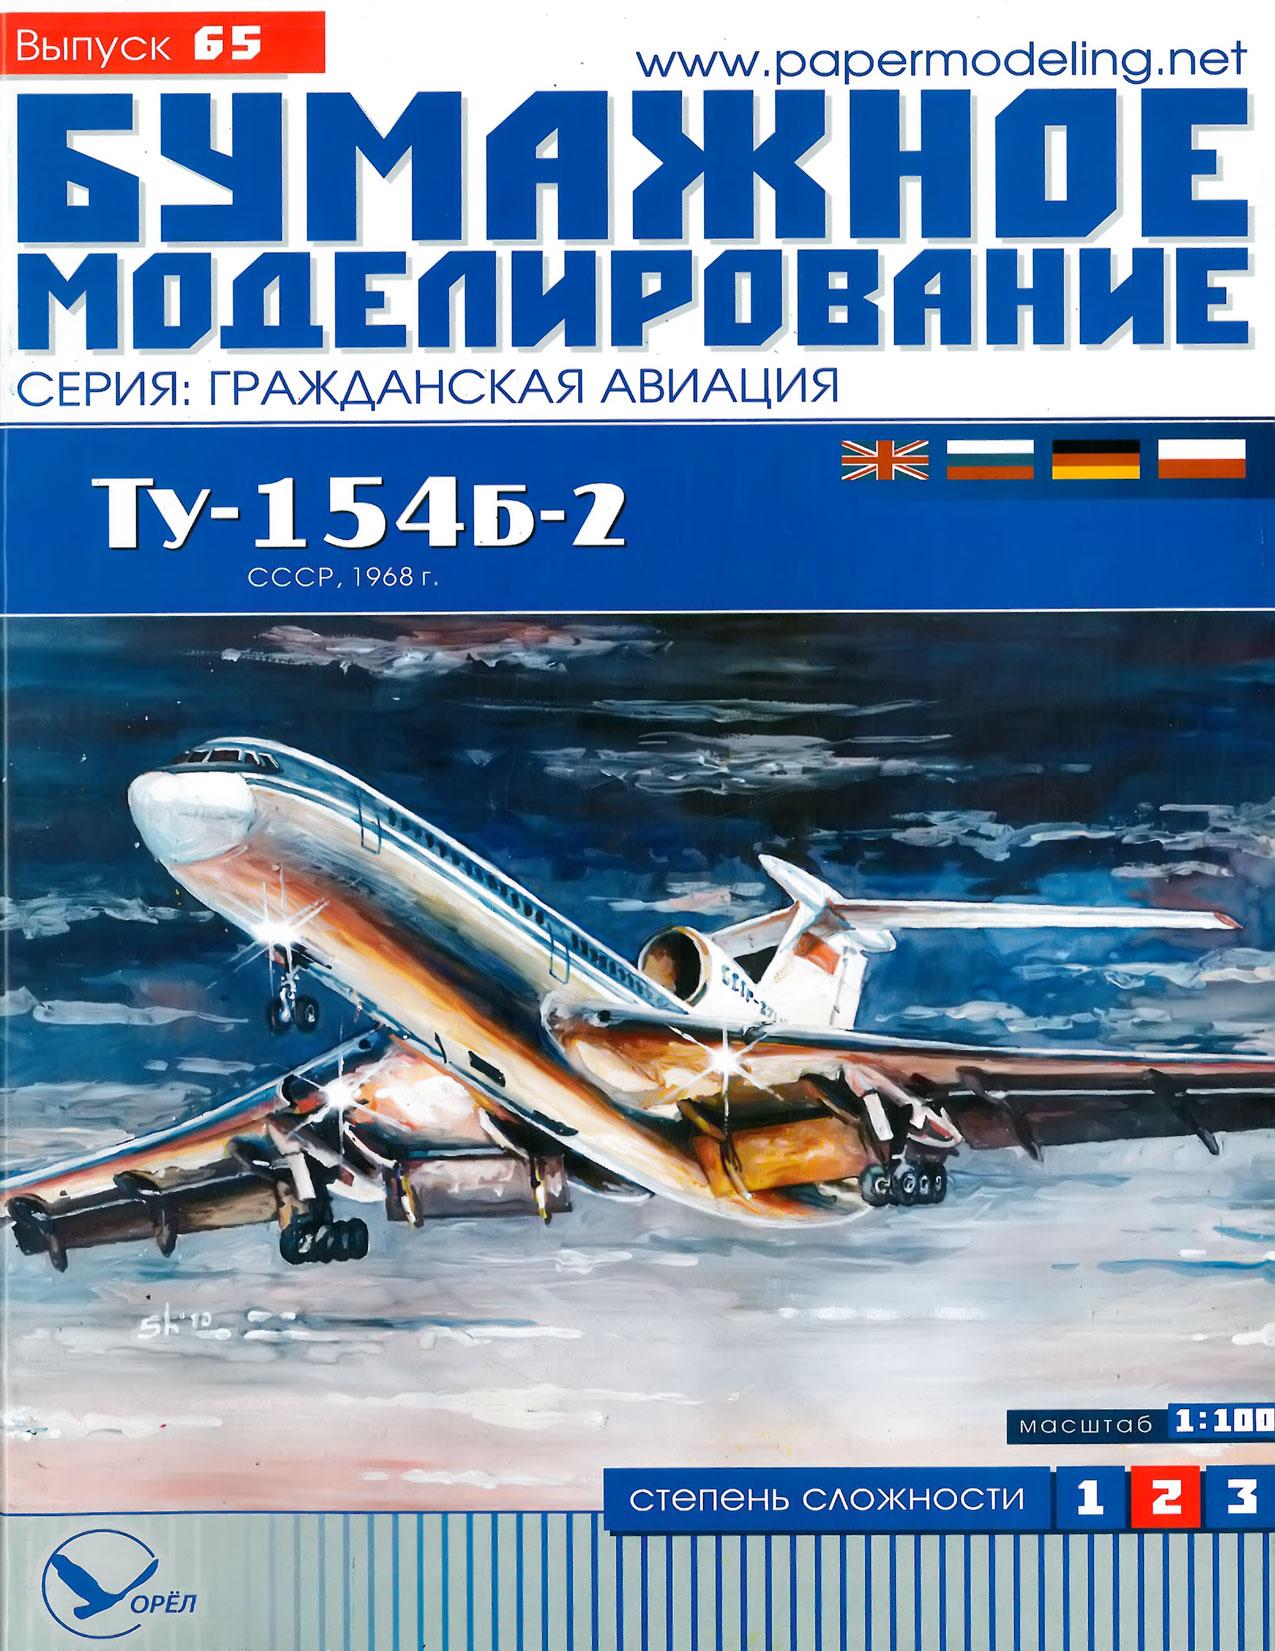 Бумажная модель самолета ТУ-154б-2